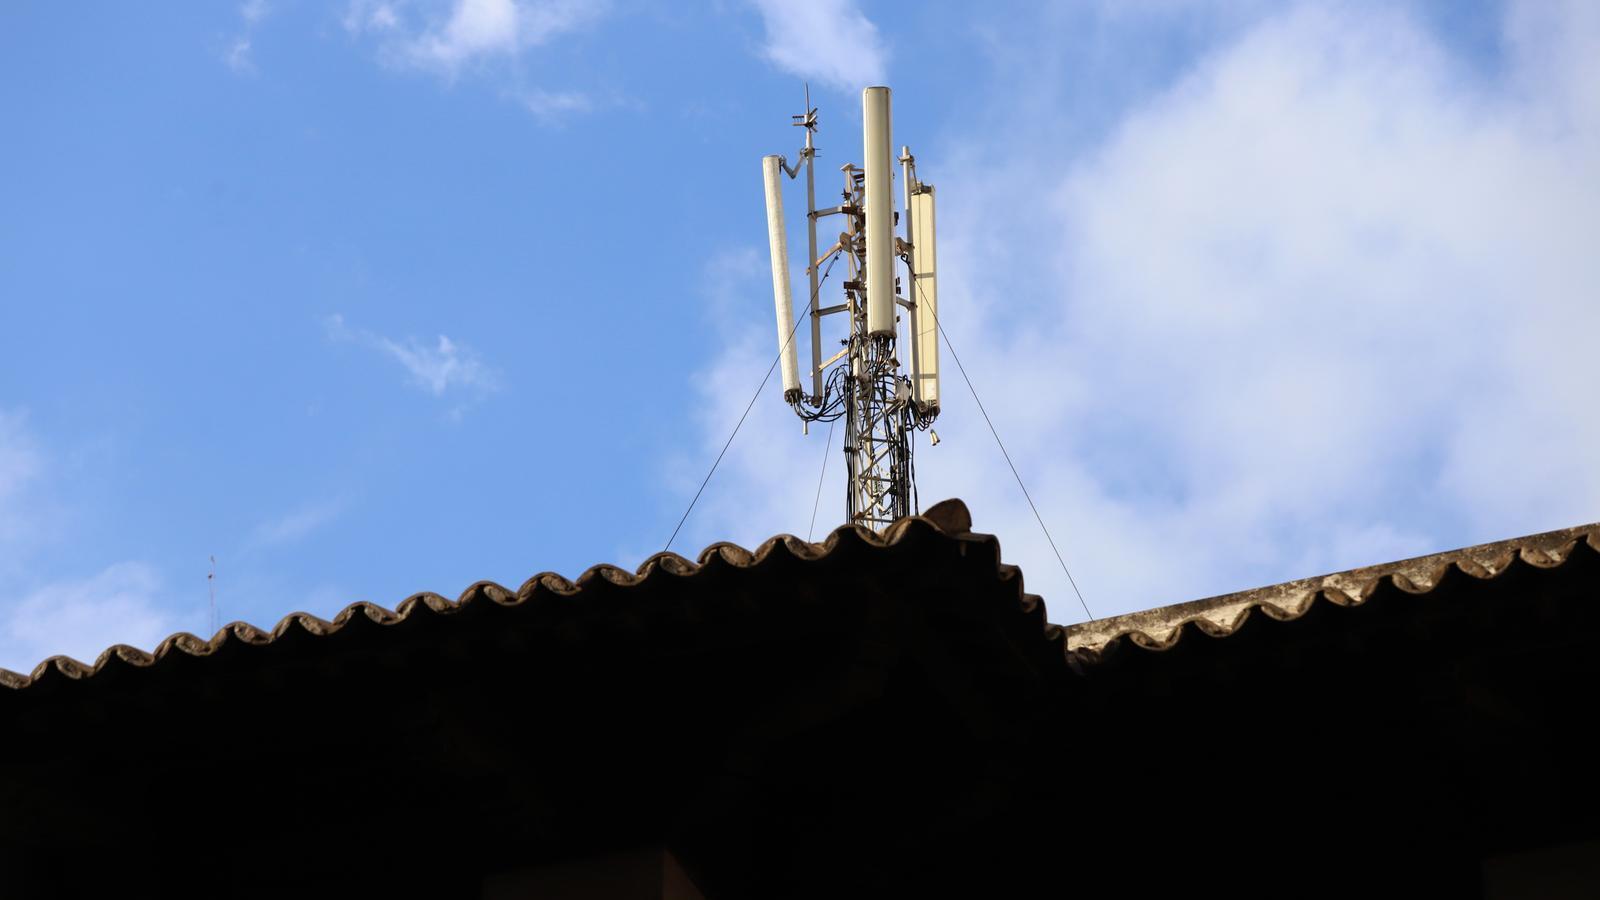 Illencs contra el 5G